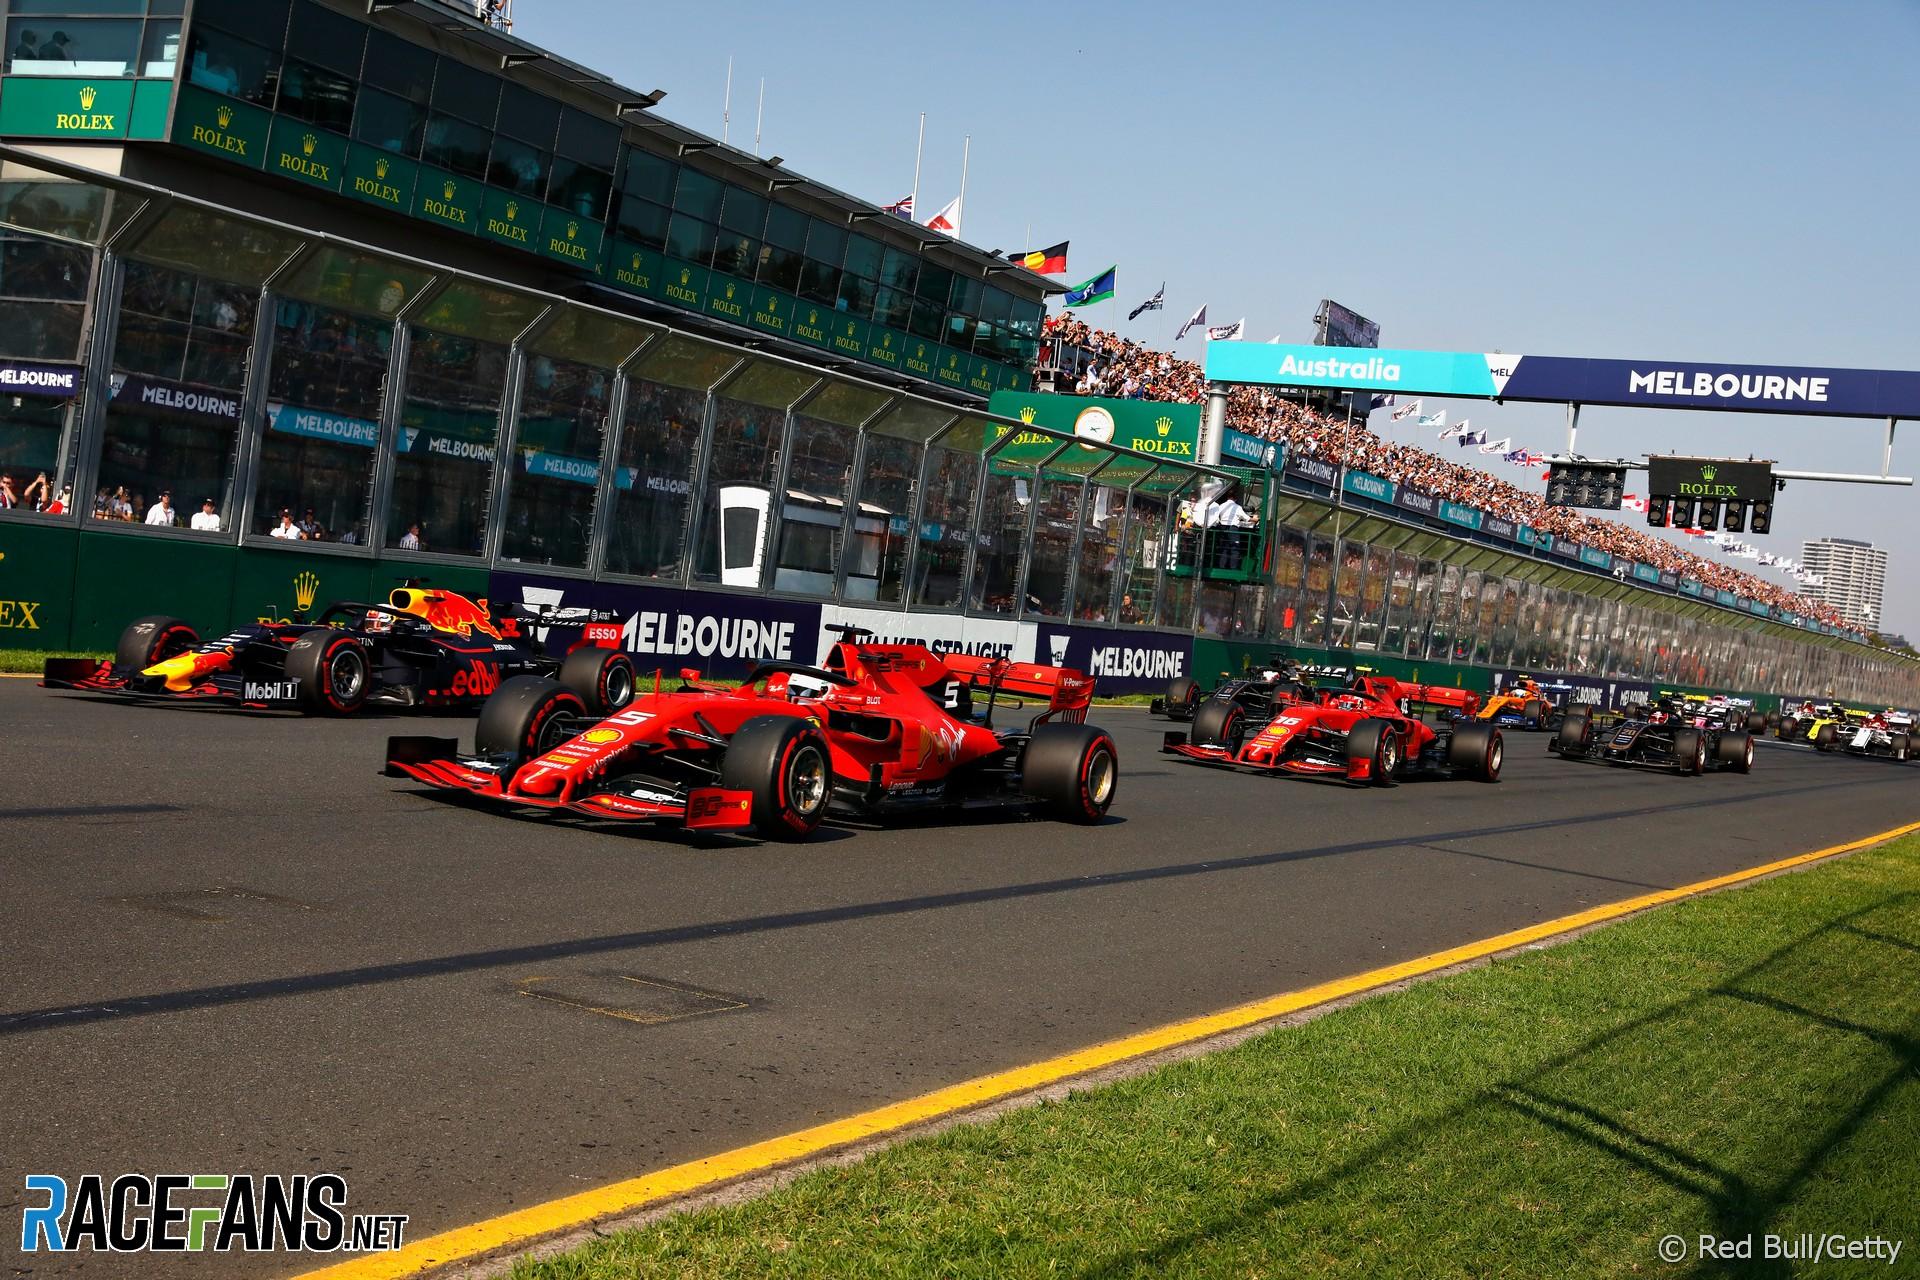 F1: 2020 F1 Calendar: Formula 1 Grand Prix Schedule Details